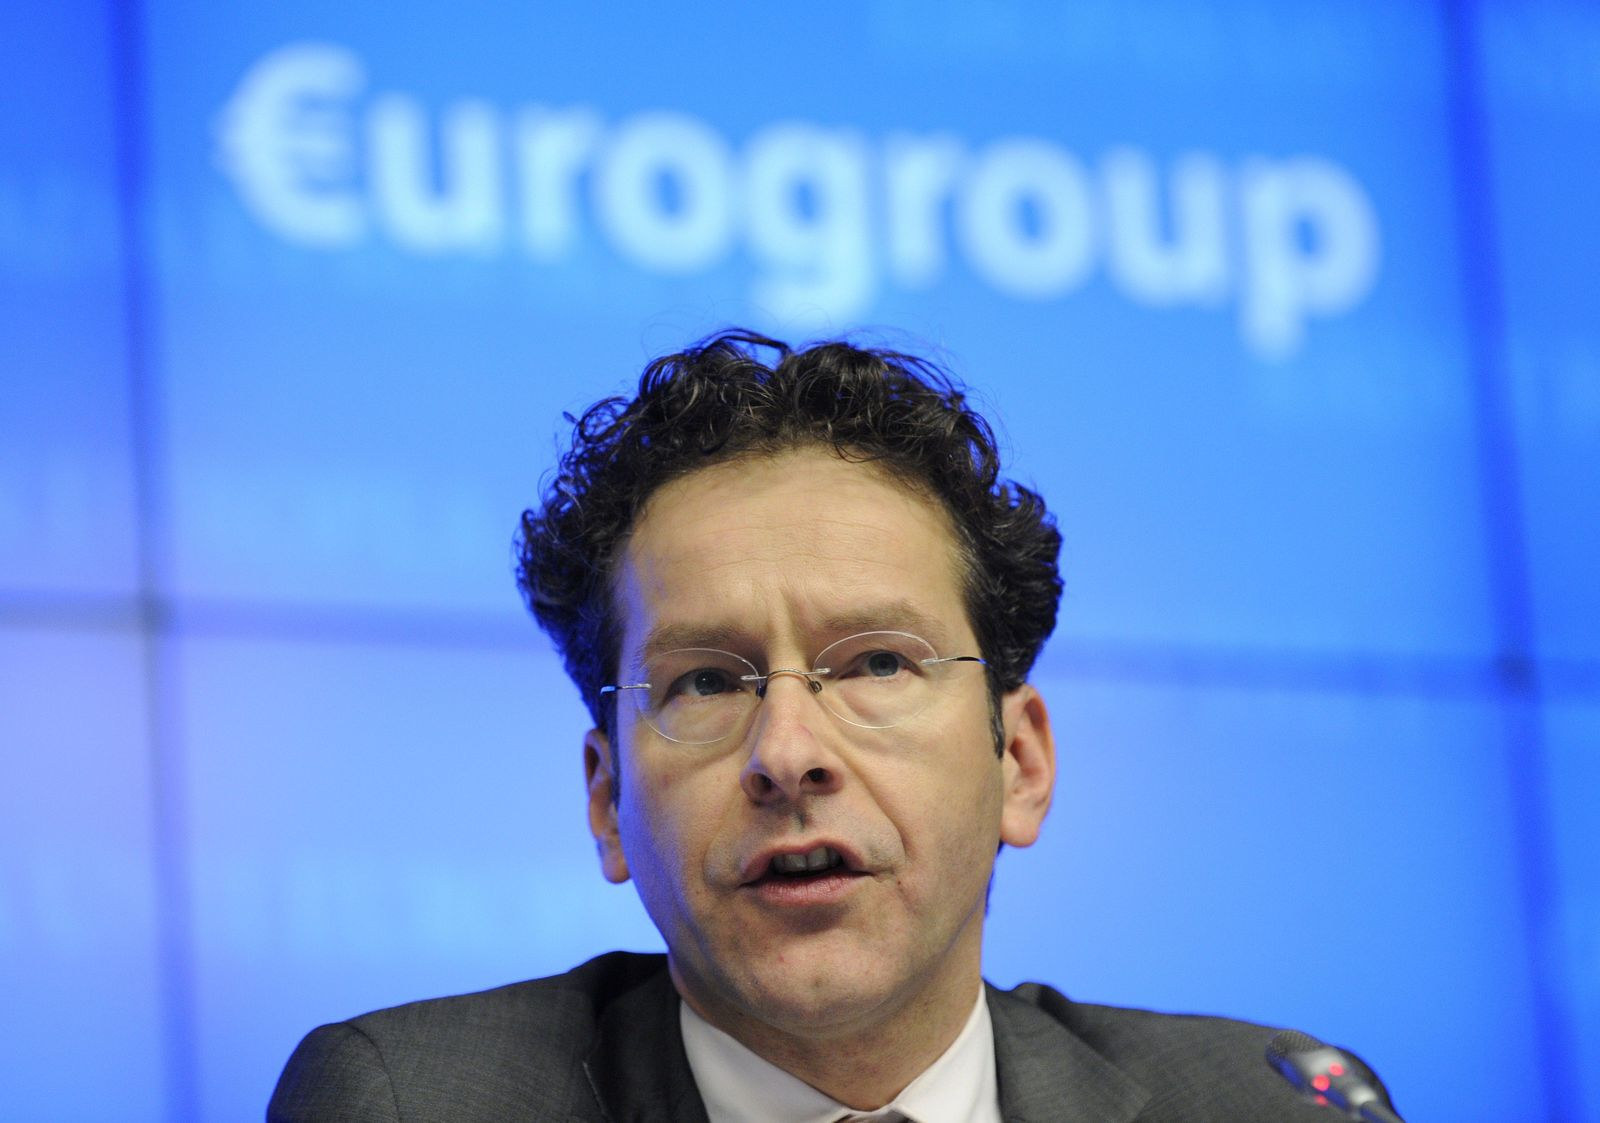 BELGIUM-CYPRUS-ECONOMY-EU-FINANCE